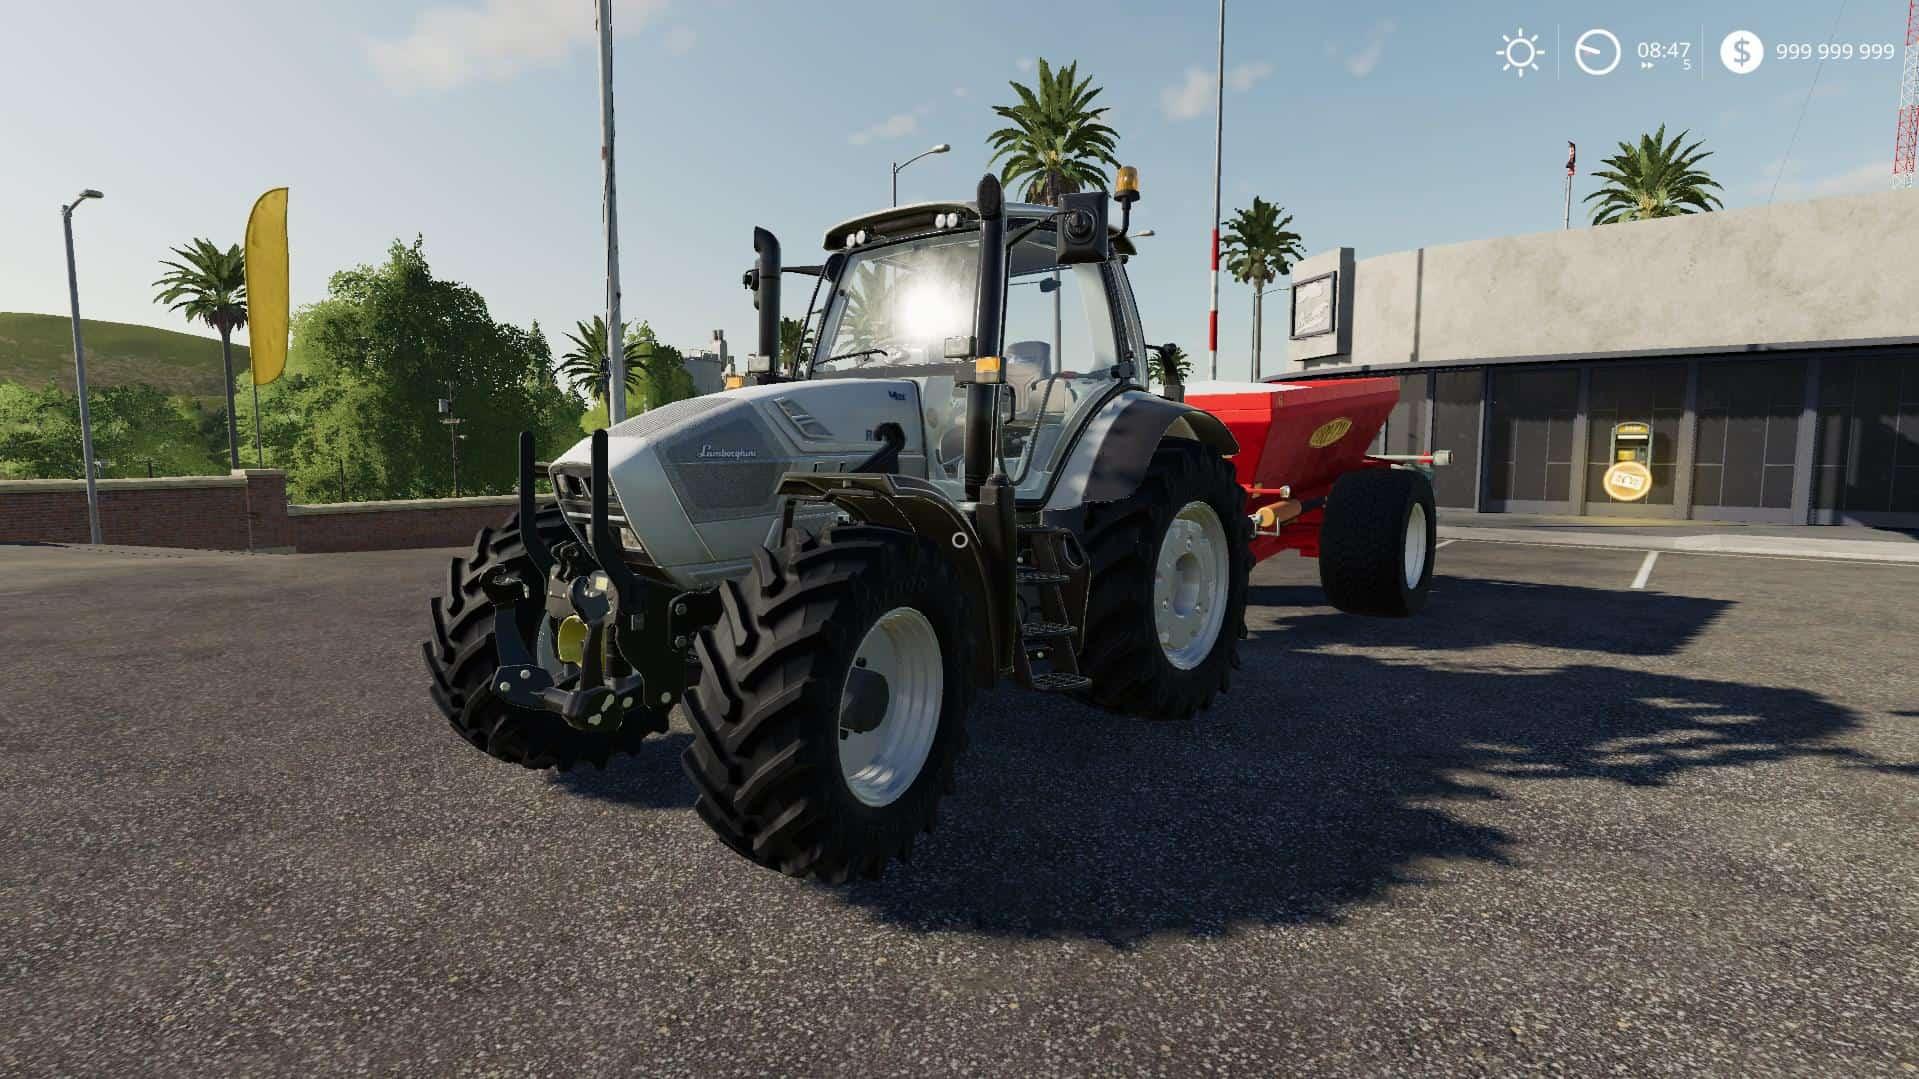 Lamborghini R6 T4i VRT v1 0 0 0 Mod - Farming Simulator 19 Mod / FS19